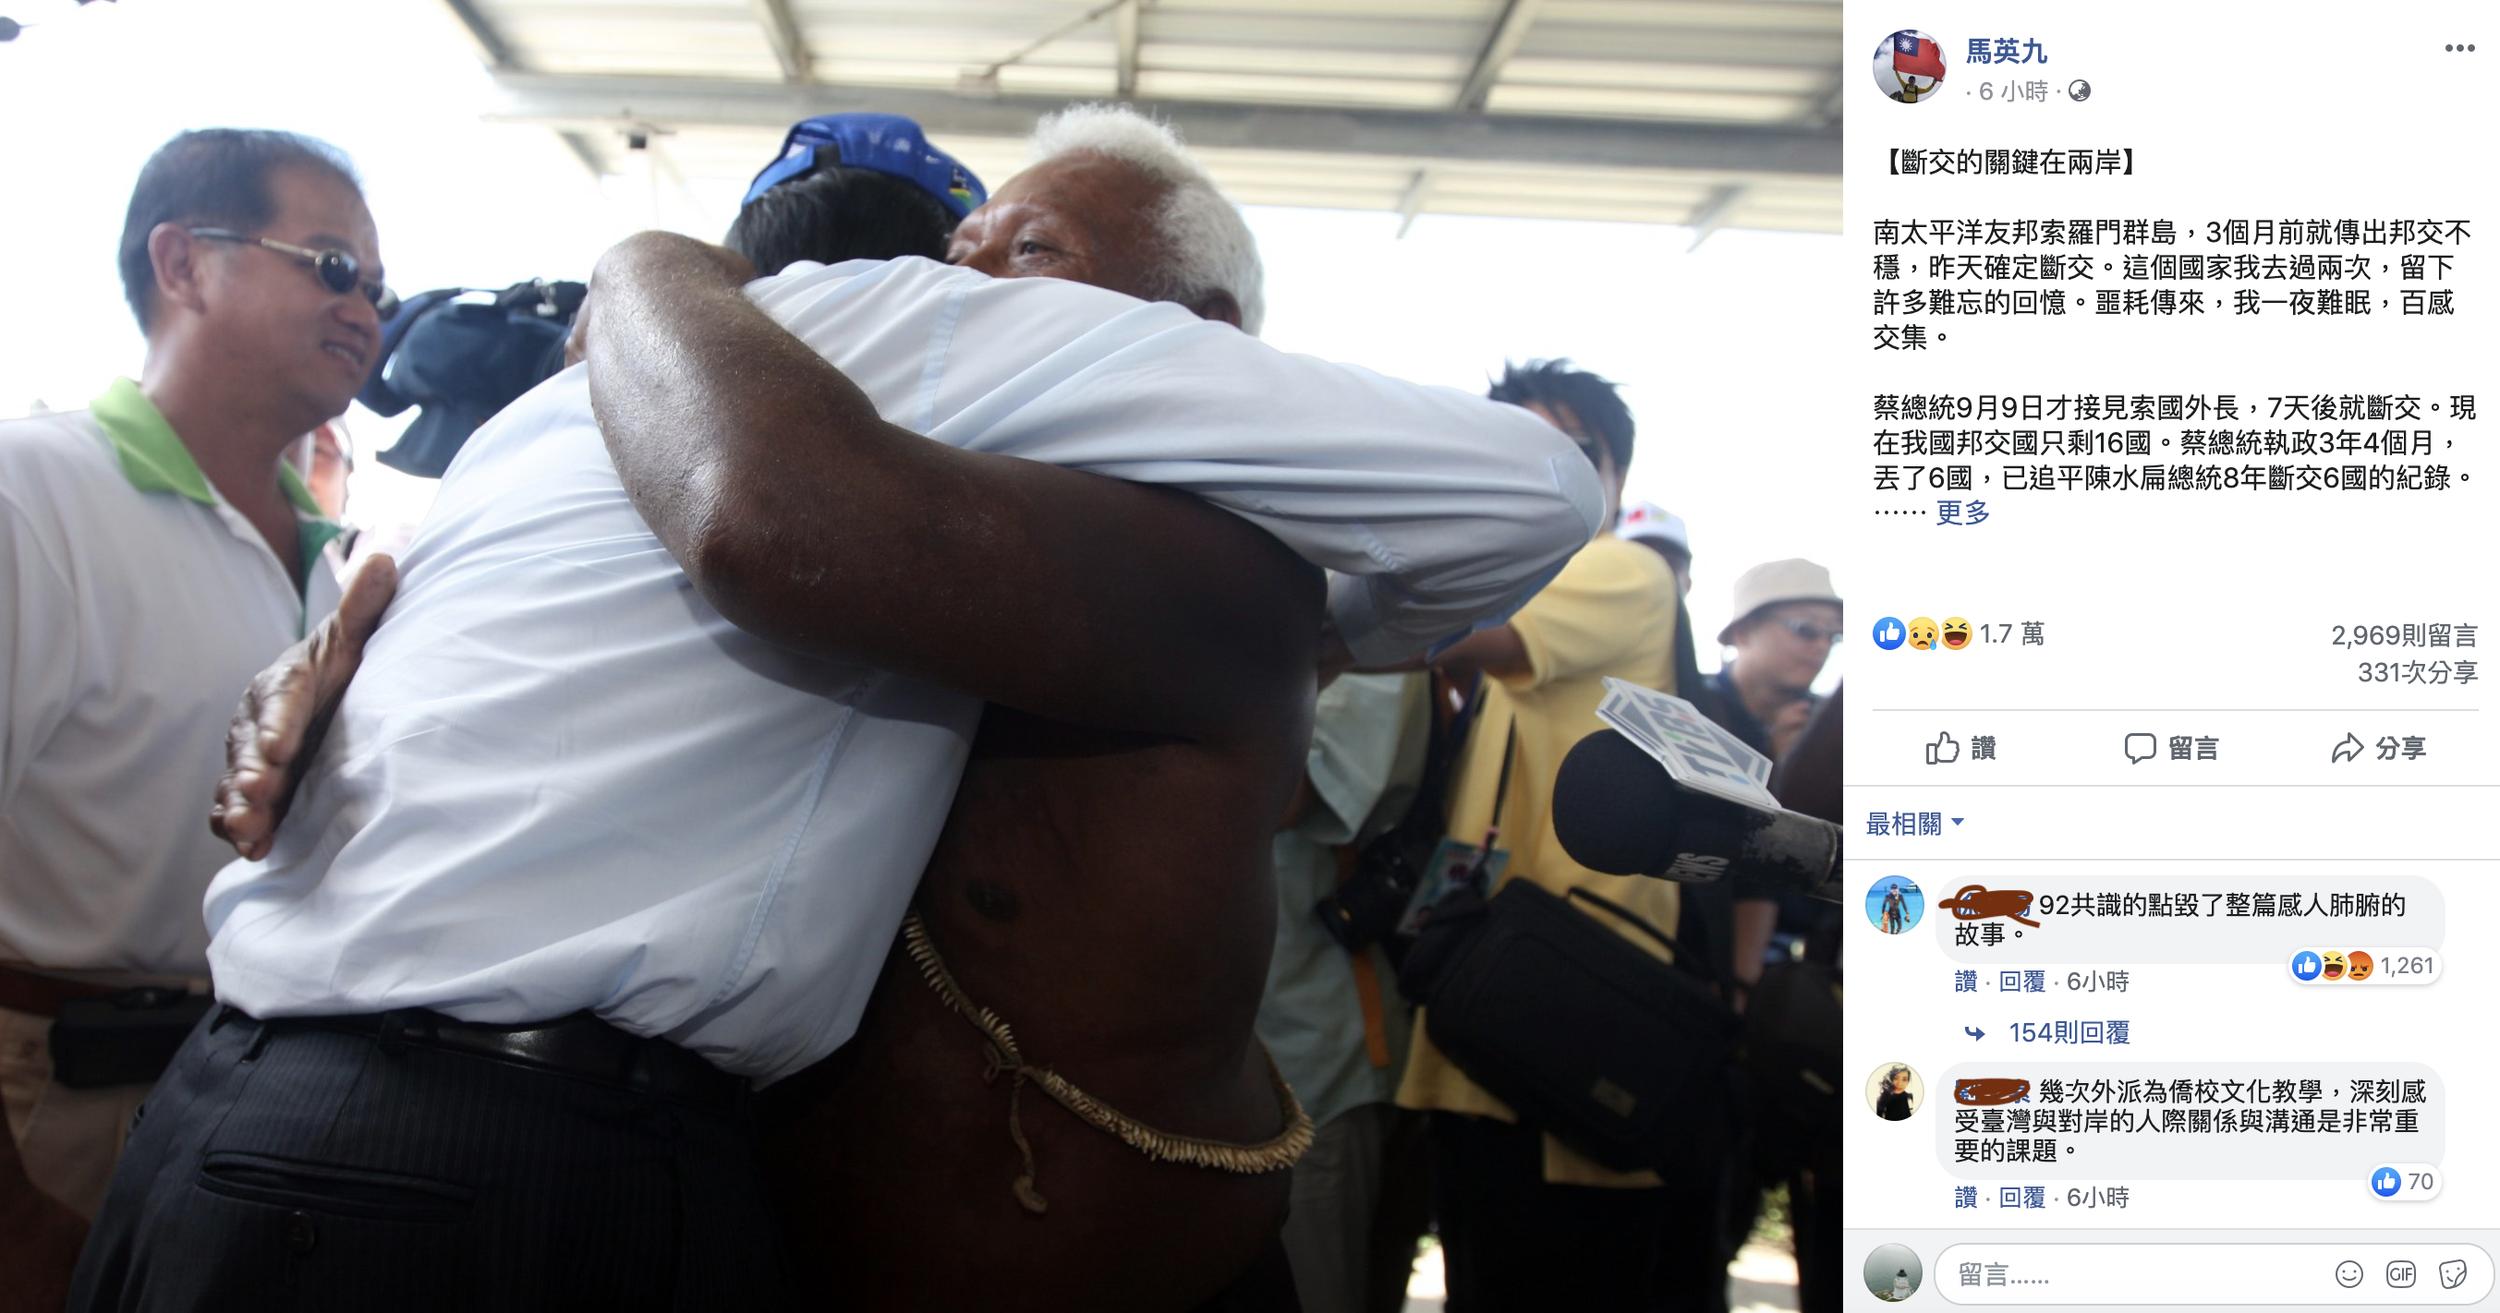 前总统马英九脸书po文对所罗门和台湾结束36年邦谊表达看法。(截自马英九脸书)